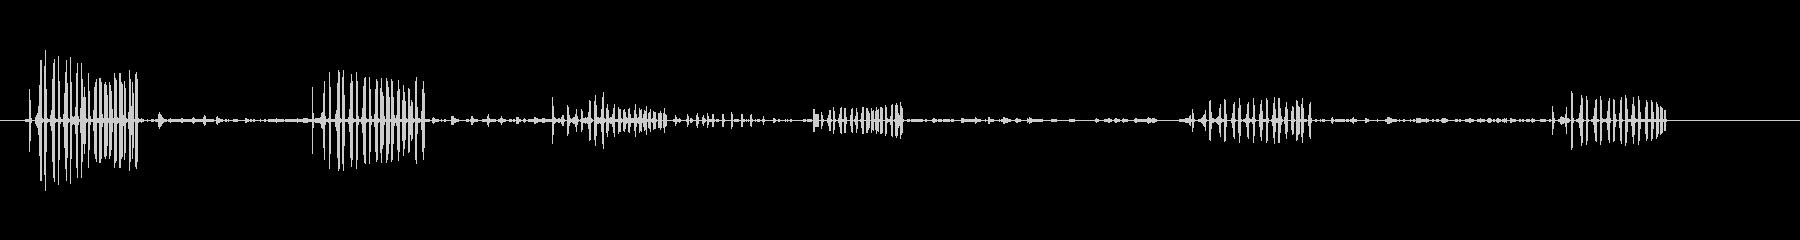 鳥-ターンステーン-アレナリアイン...の未再生の波形